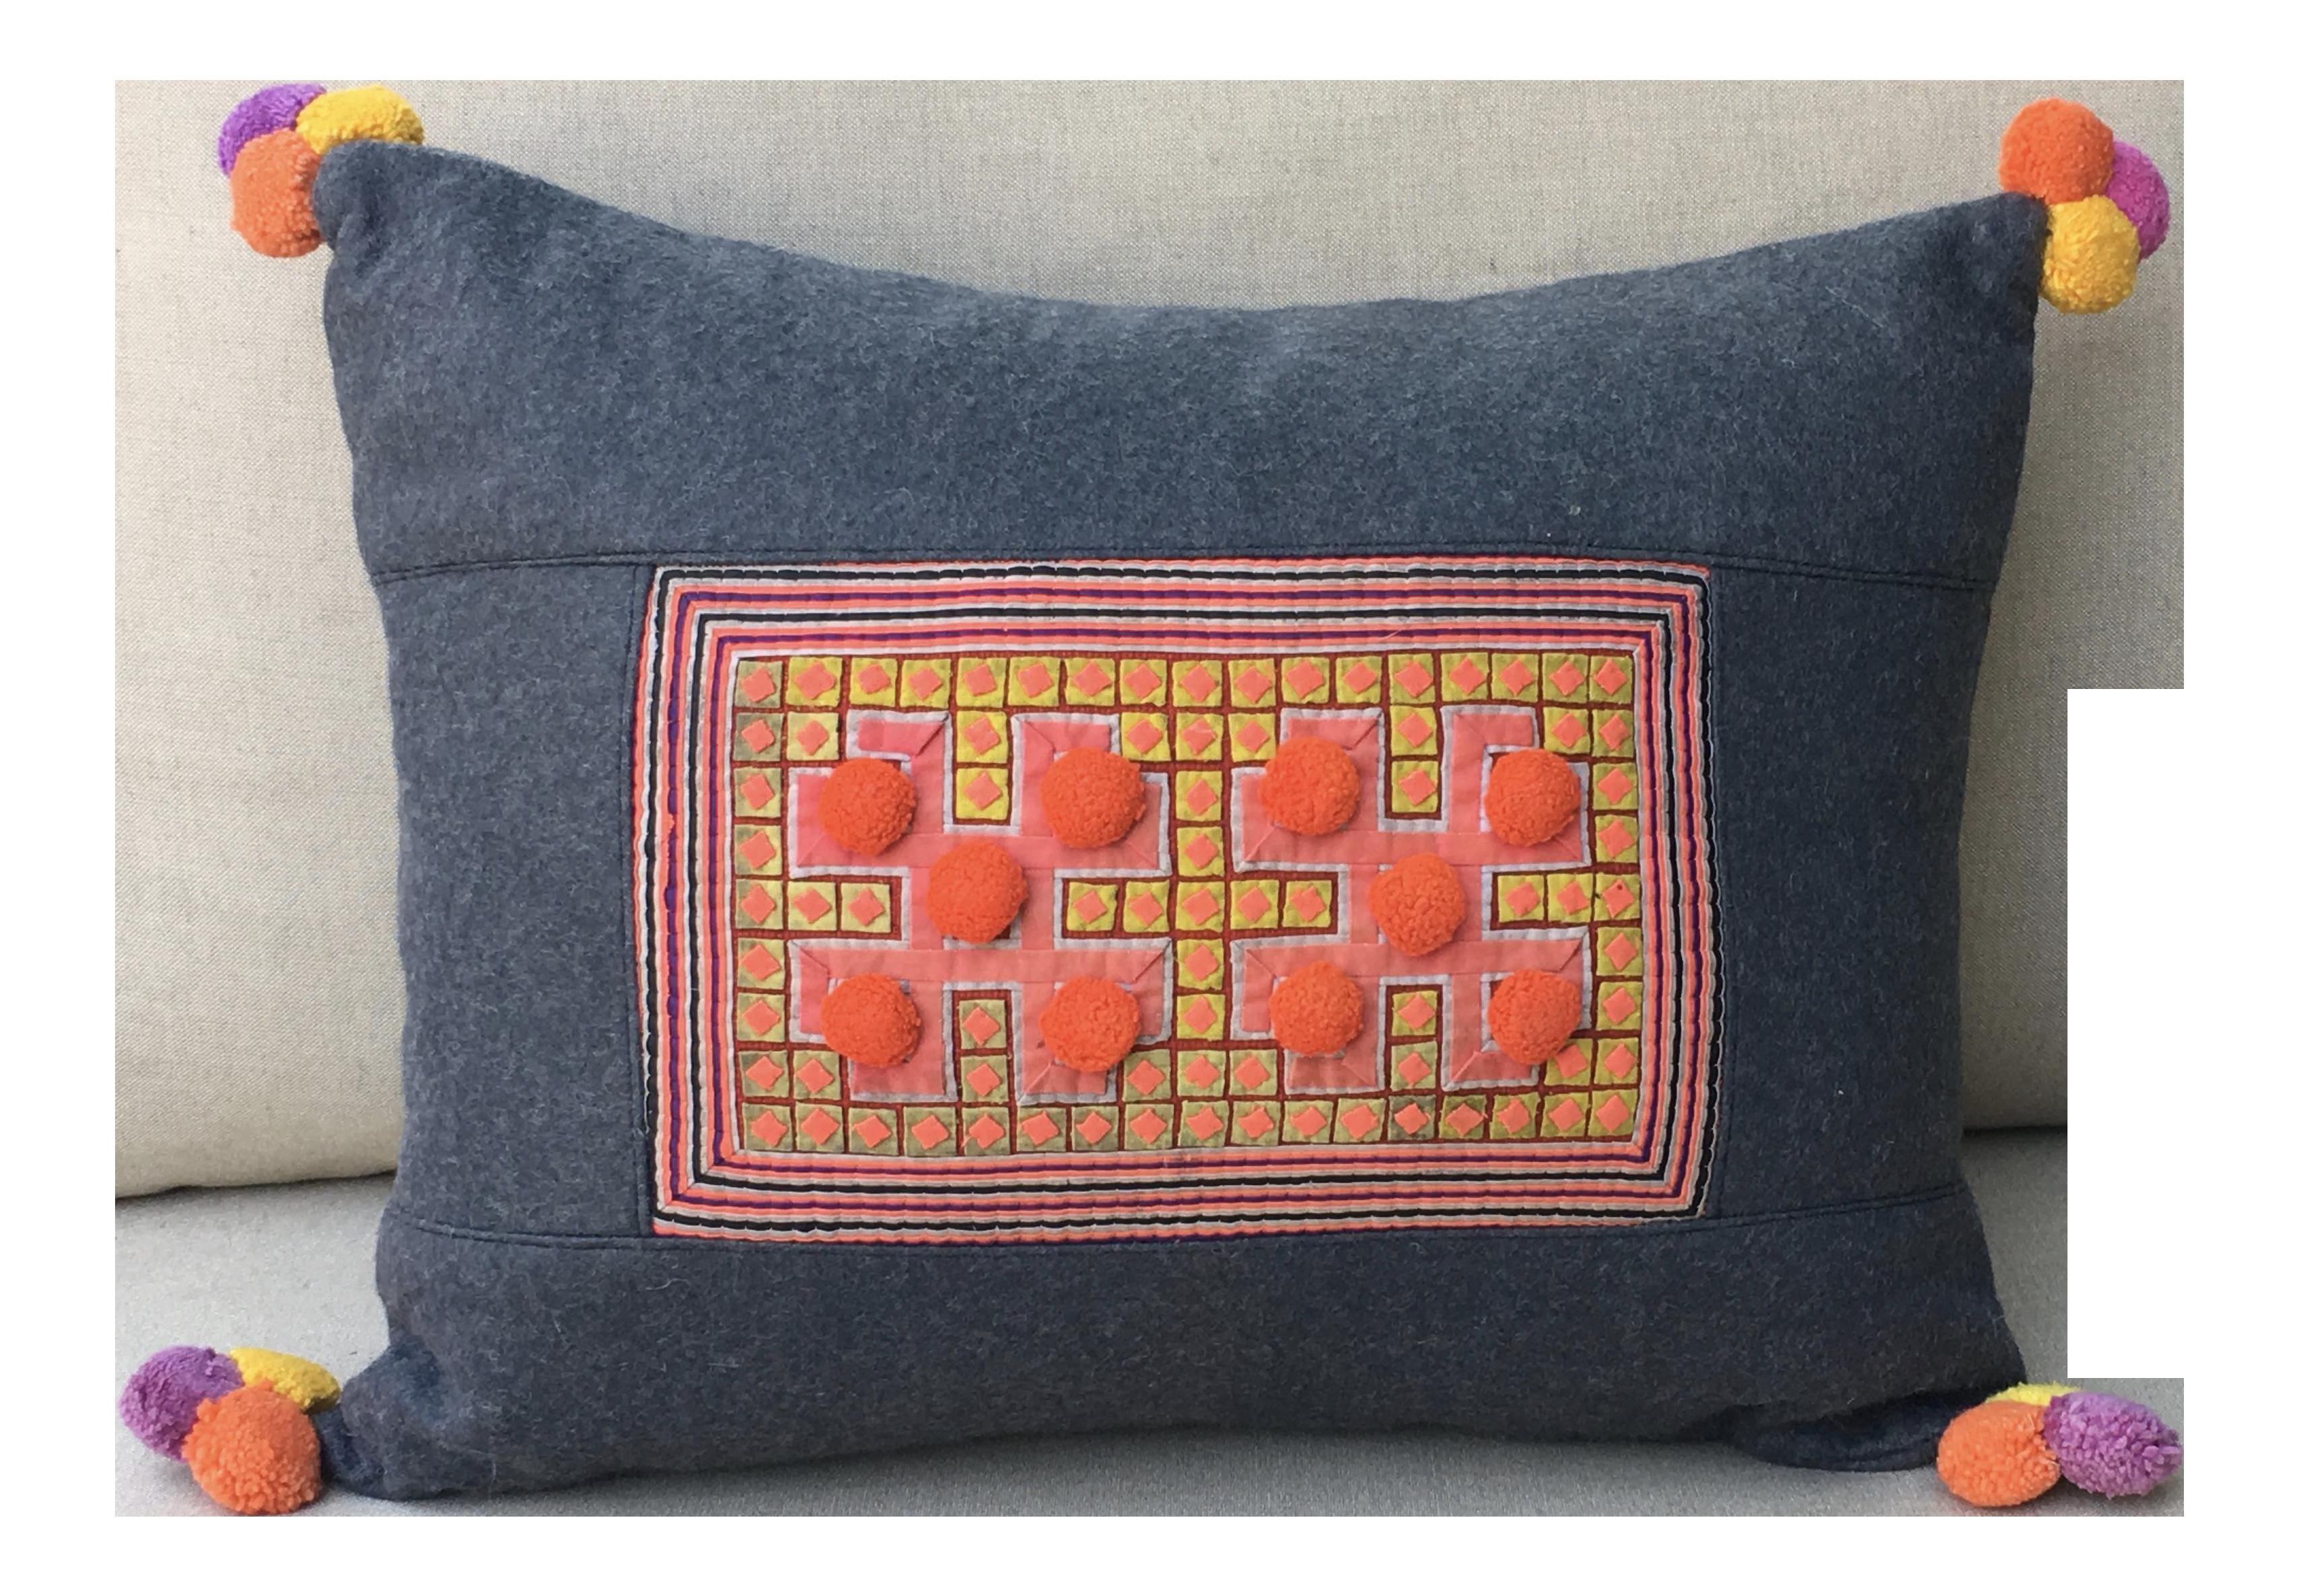 Vivid applique hmong textile pillow with pom poms chairish